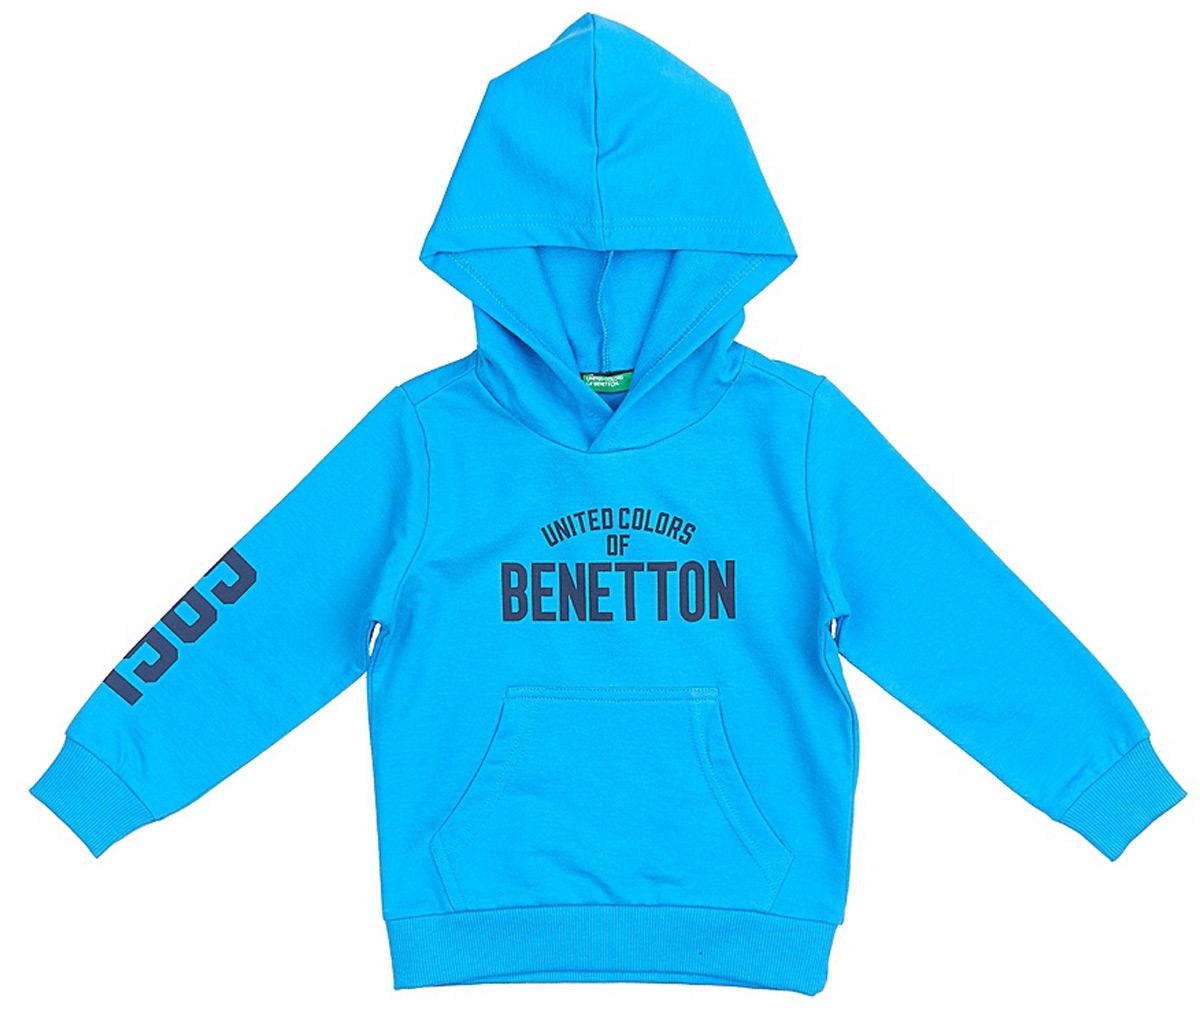 Толстовка для мальчика United Colors of Benetton, цвет: ярко-голубой. 3BC1C2091_0M8. Размер 1203BC1C2091_0M8Модная толстовка от United Colors of Benetton выполнена из натурального хлопкового трикотажа. Модель с капюшоном и длинными рукавами на груди оформлена брендированной надписью и спереди дополнена карманом кенгуру. Манжеты рукавов и низ изделия дополнены широкими трикотажными резинками.